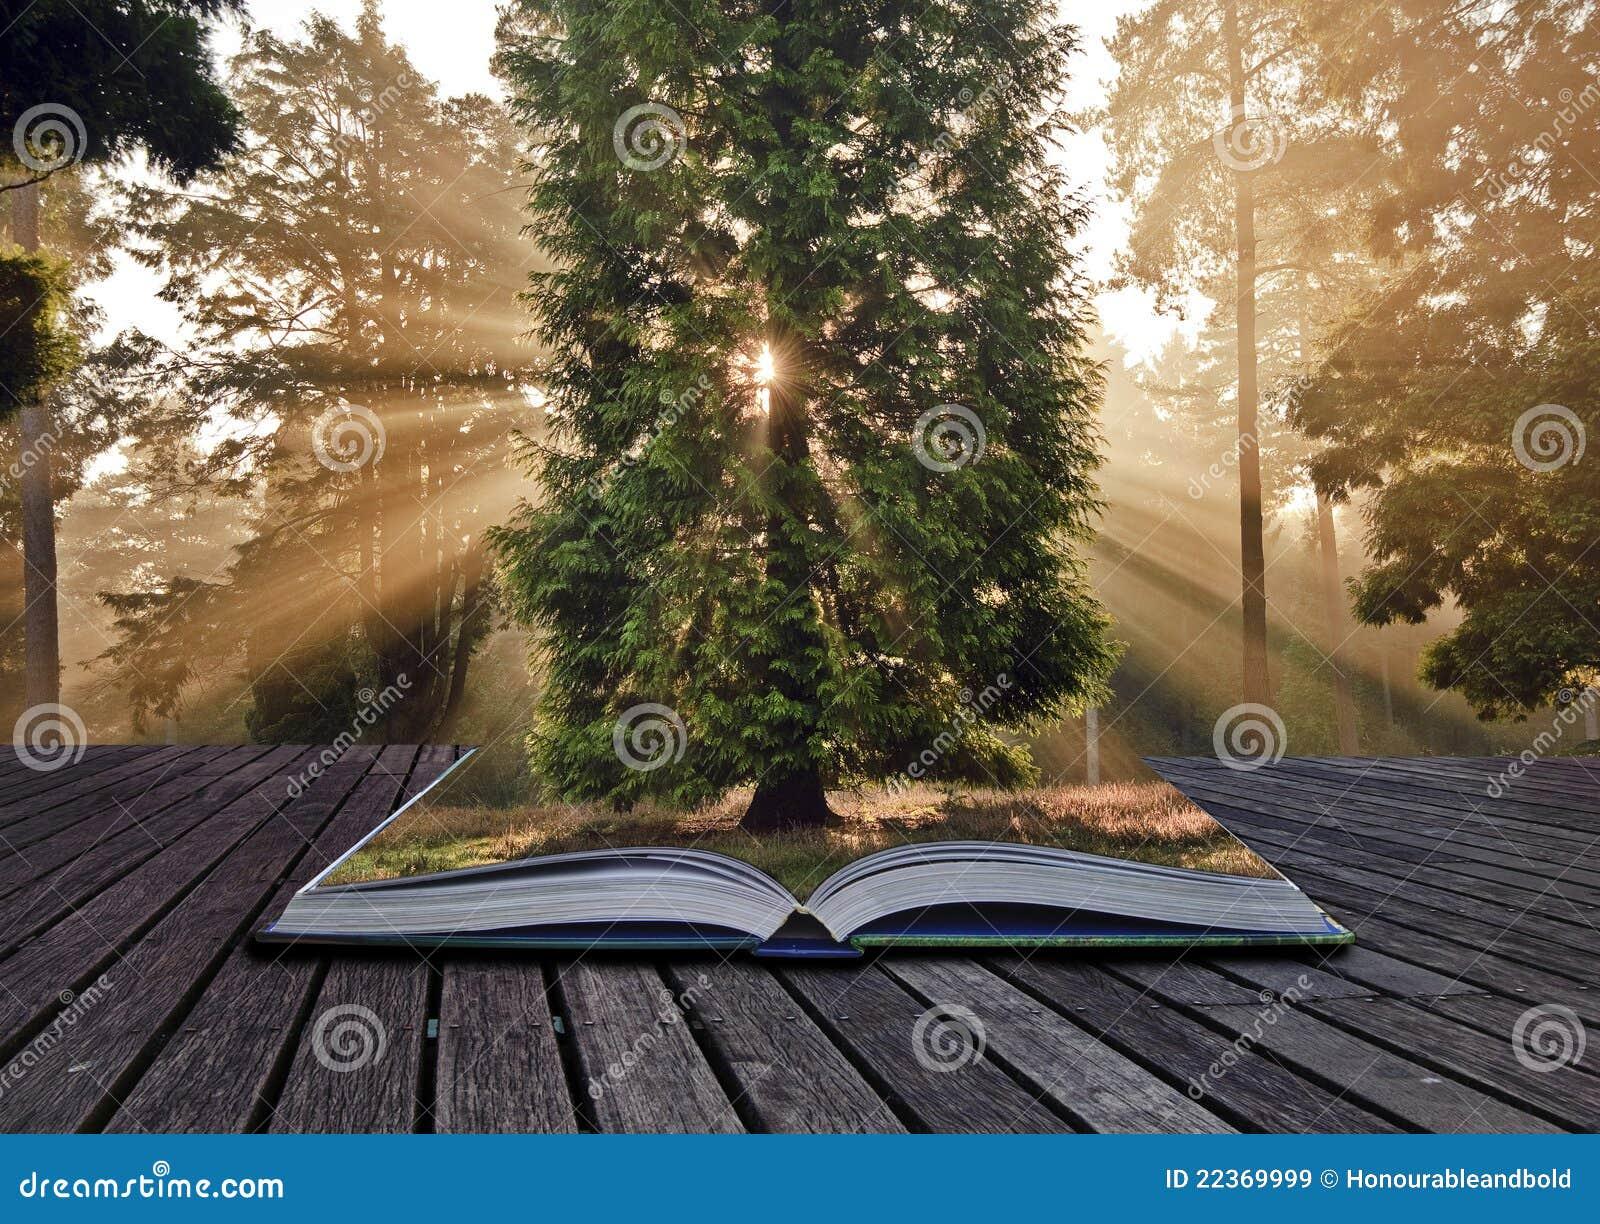 Mon petit paradis des livres d'occasion dans Chroniques diverses livre-d-horizontal-de-for%C3%AAt-d-automne-d-automne-de-rayons-de-soleil-22369999